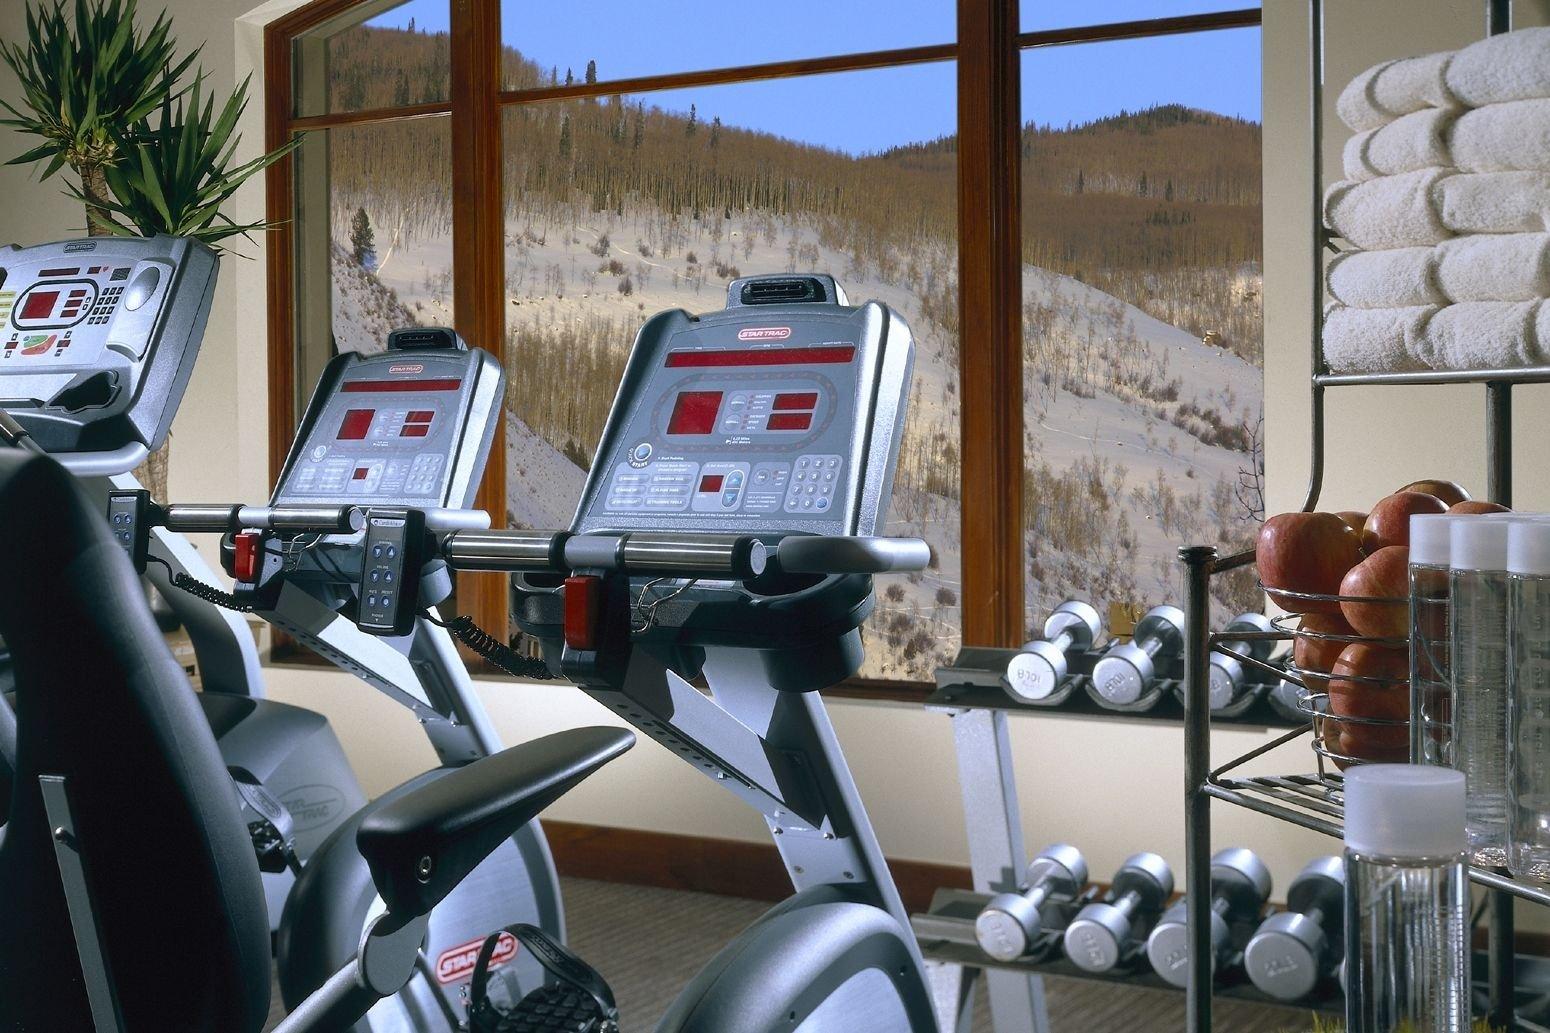 vail marriott fitness room.jpg